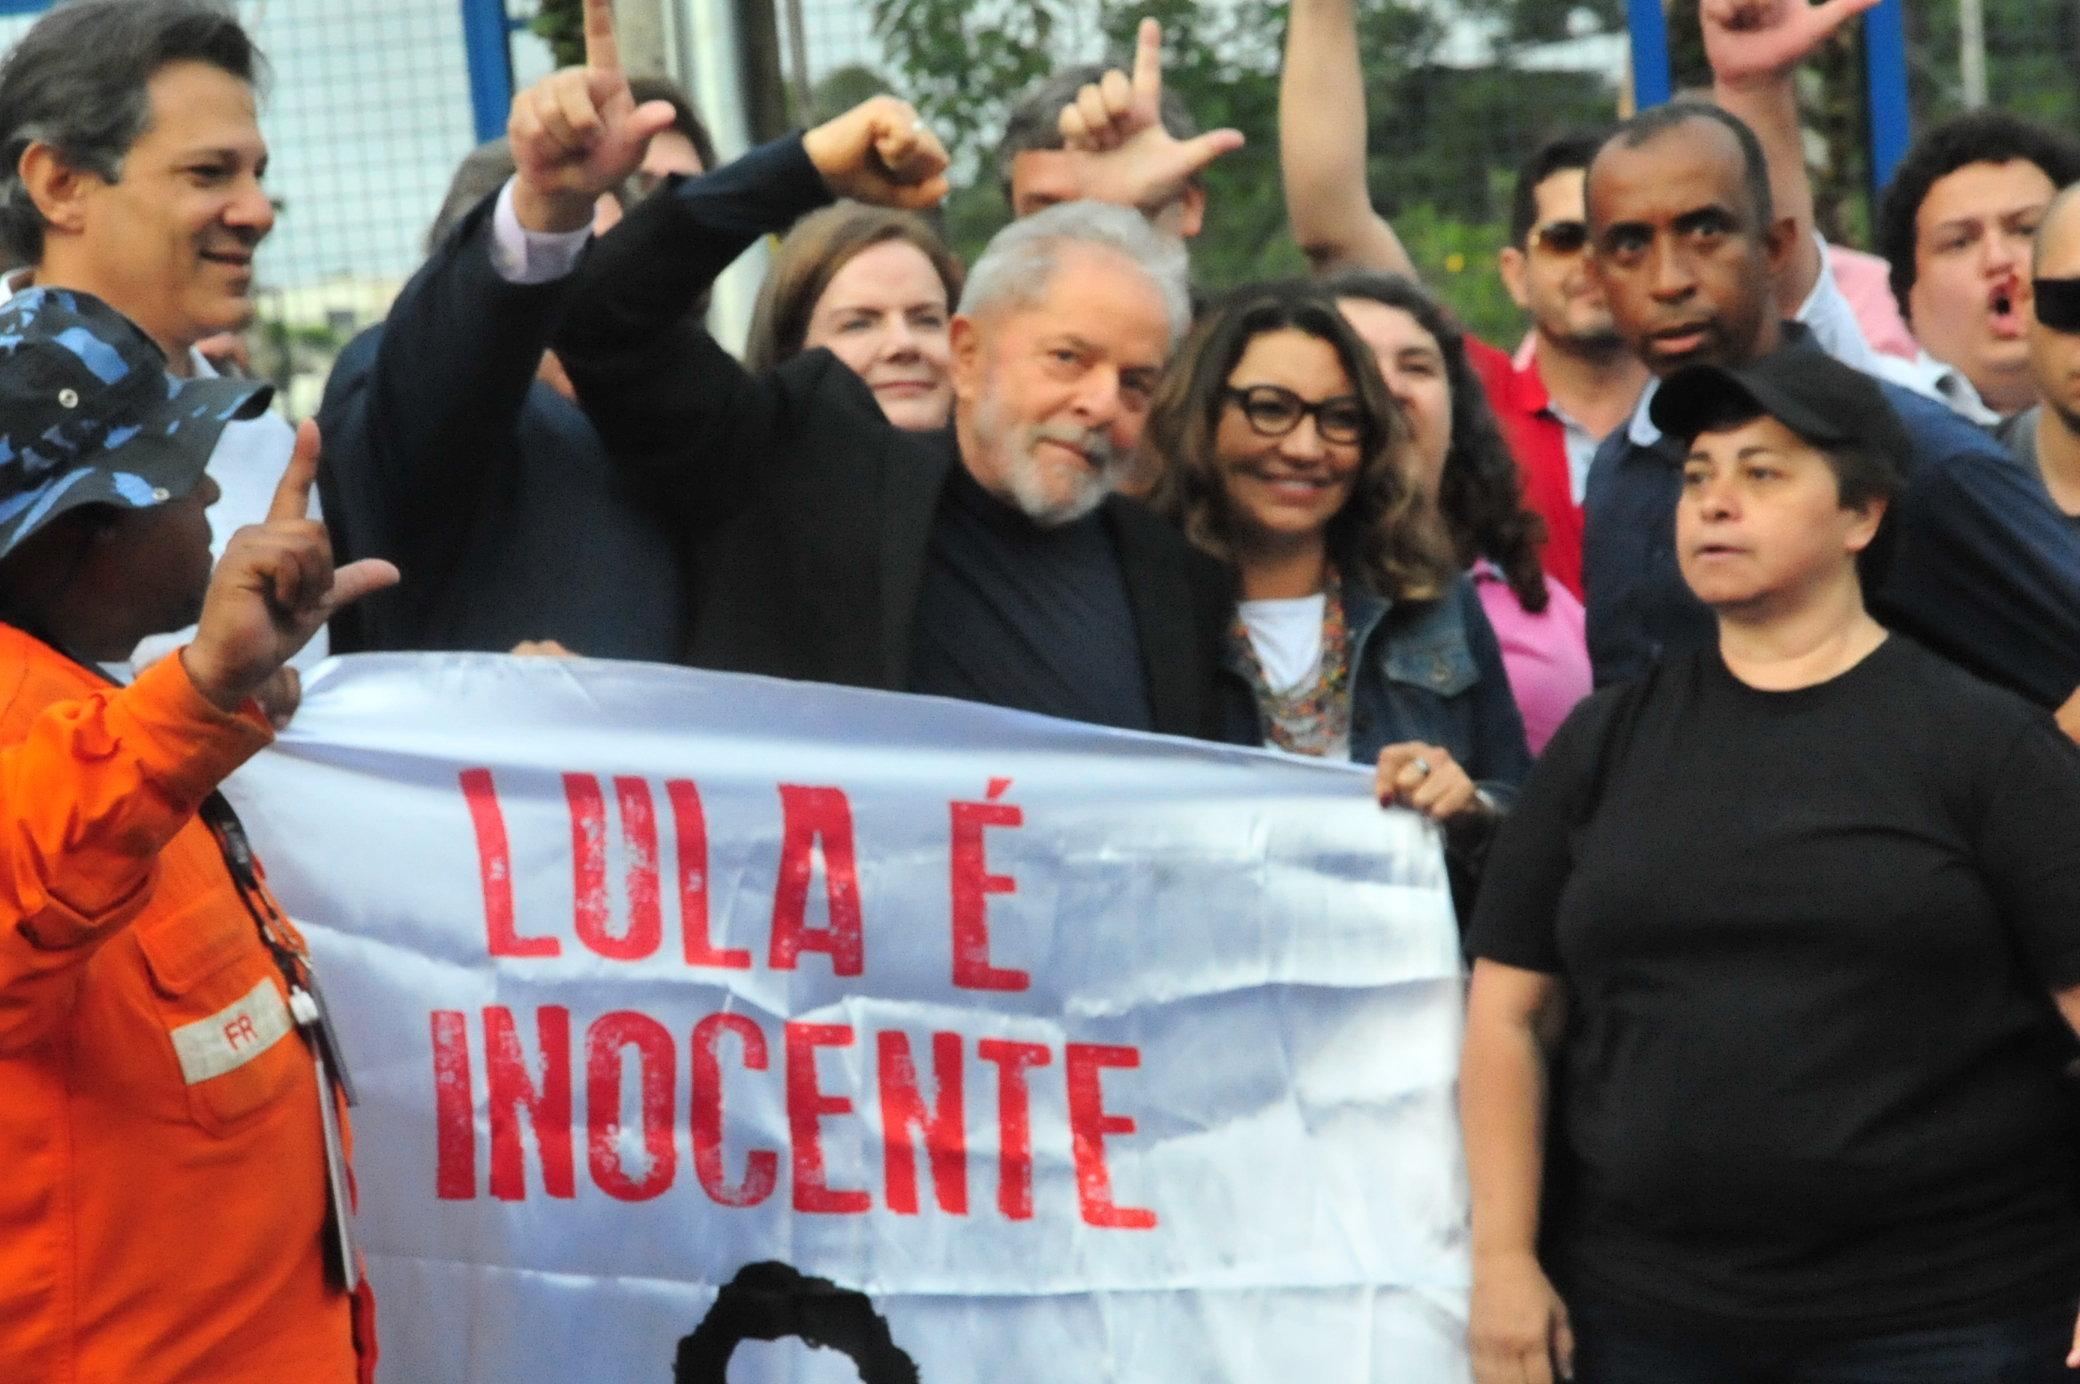 IMAGEM: A blindagem de Lula e as ruas